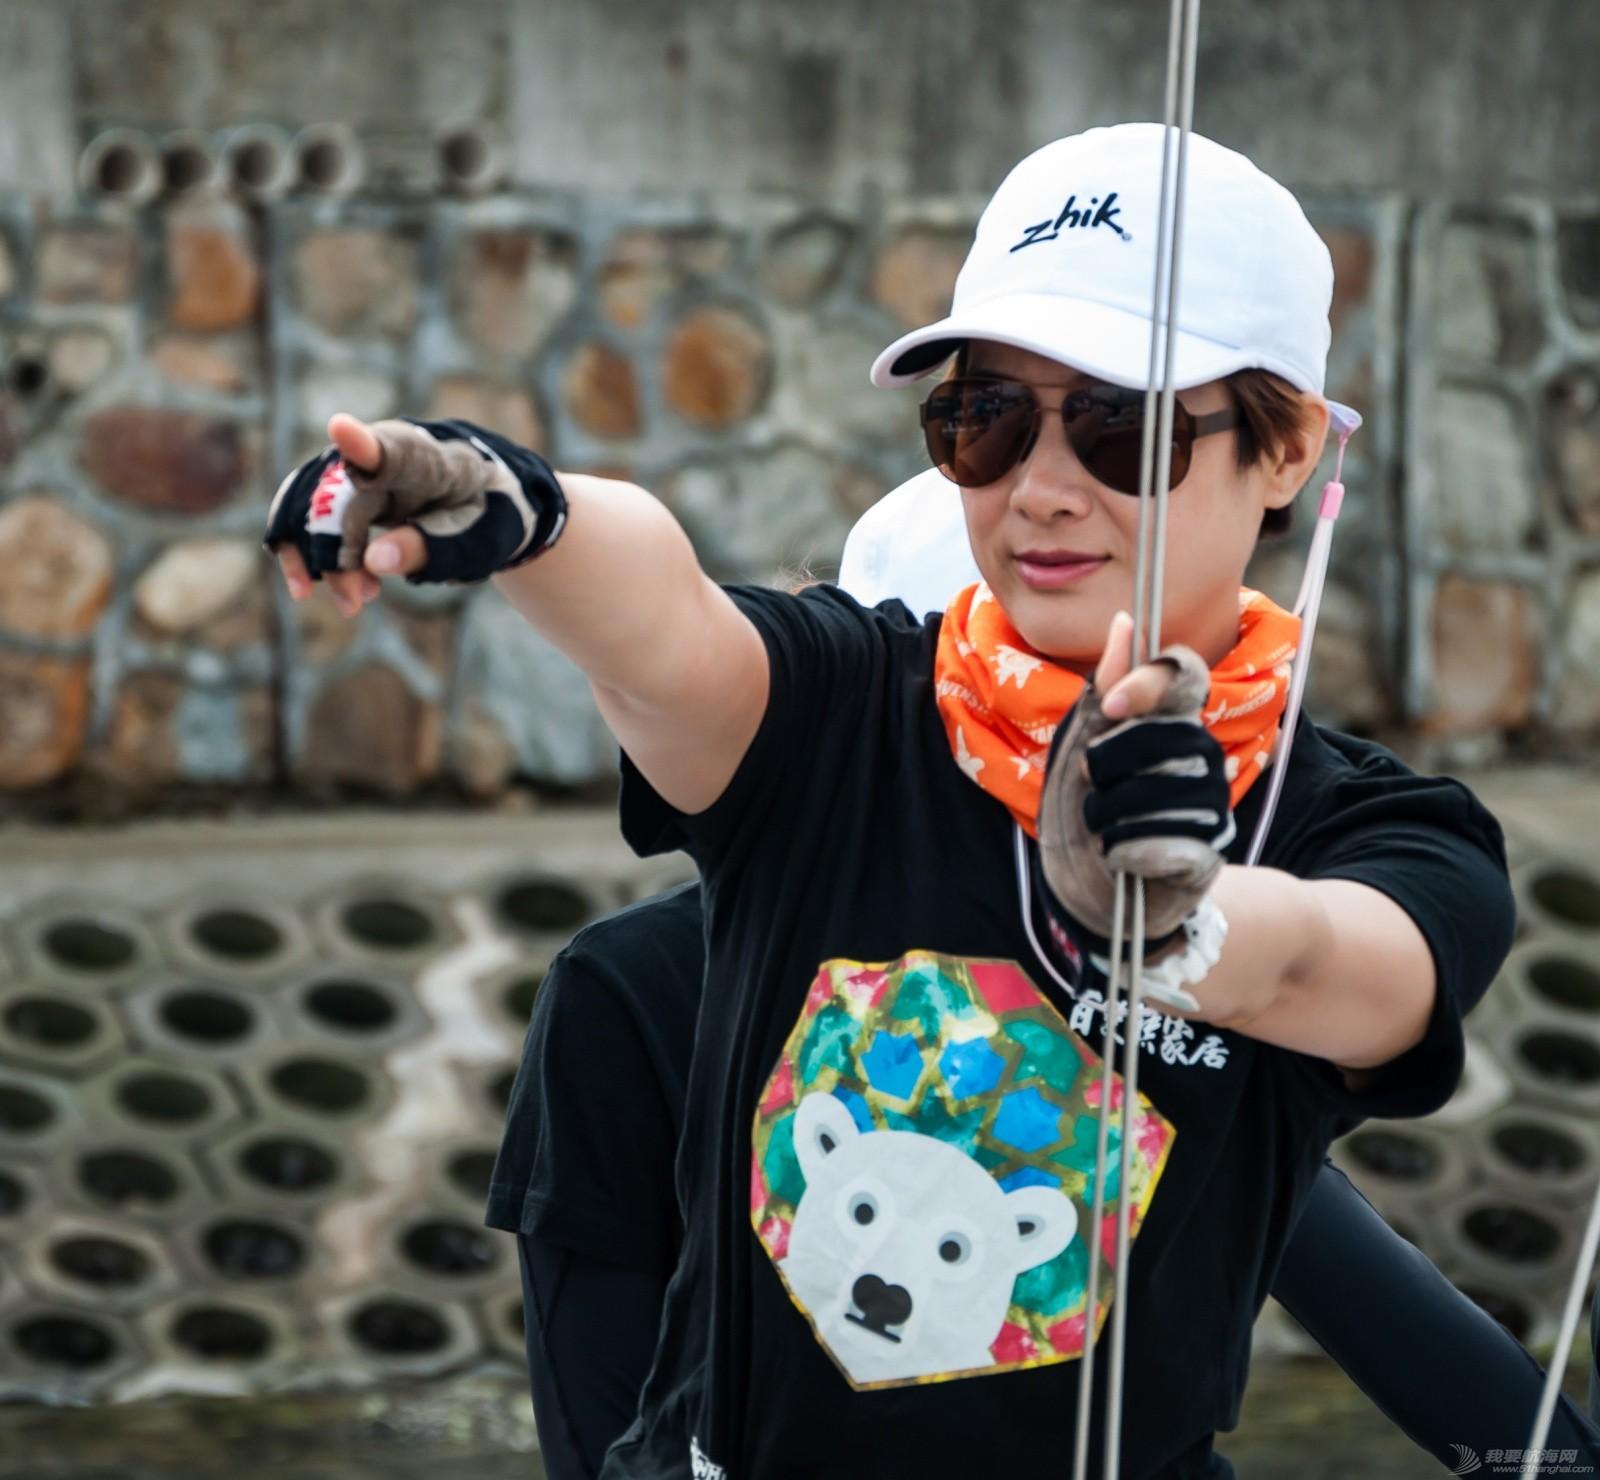 美女 【2015大鹏杯帆船赛】赛场美女 s013.jpg